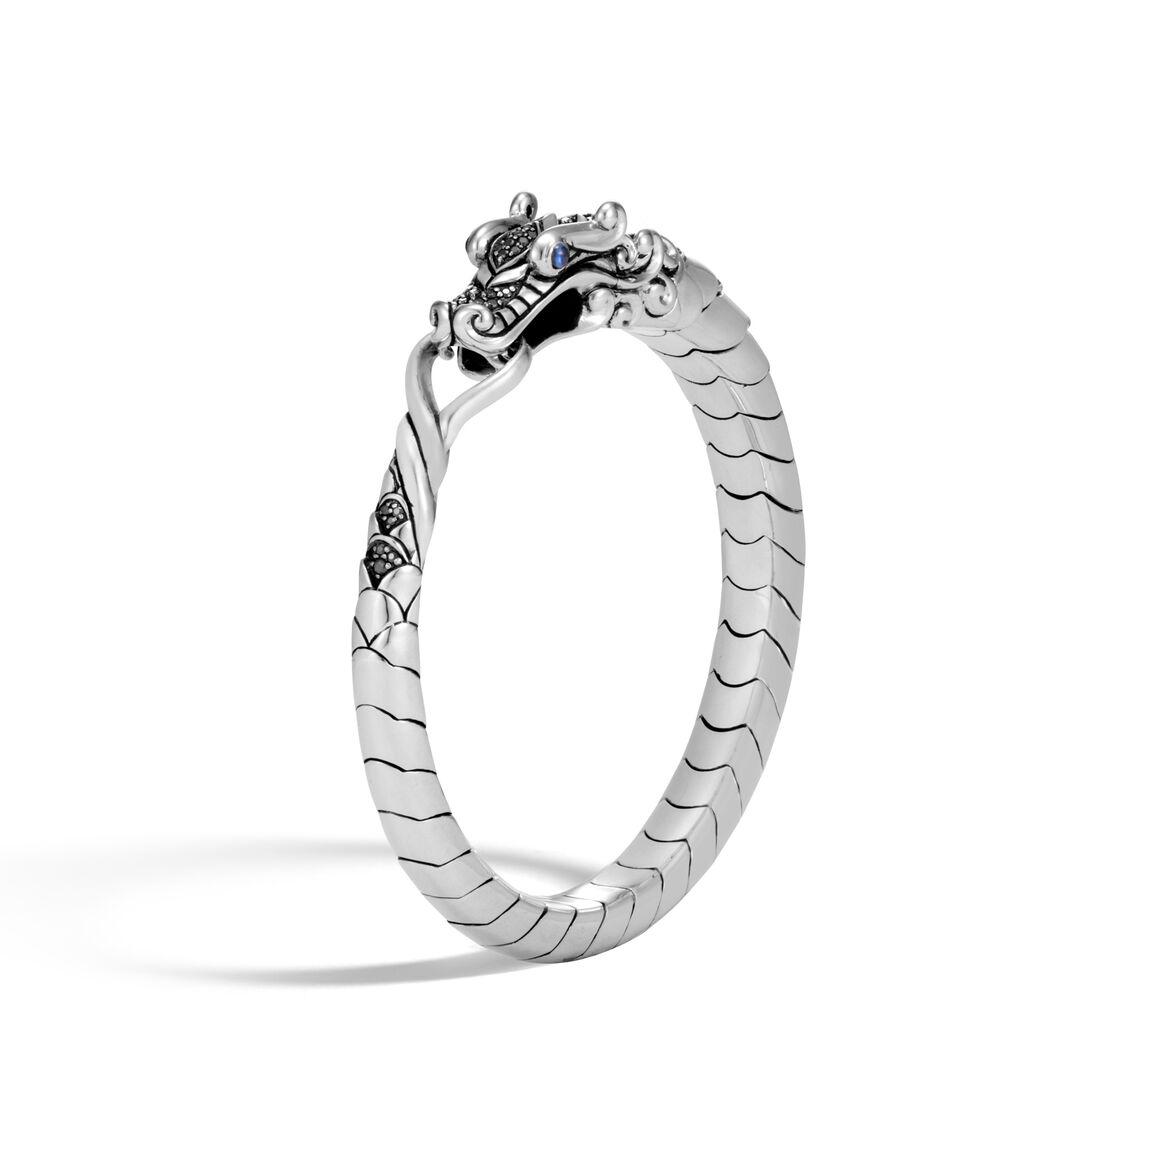 Legends Naga Bracelet in Silver with Gemstone